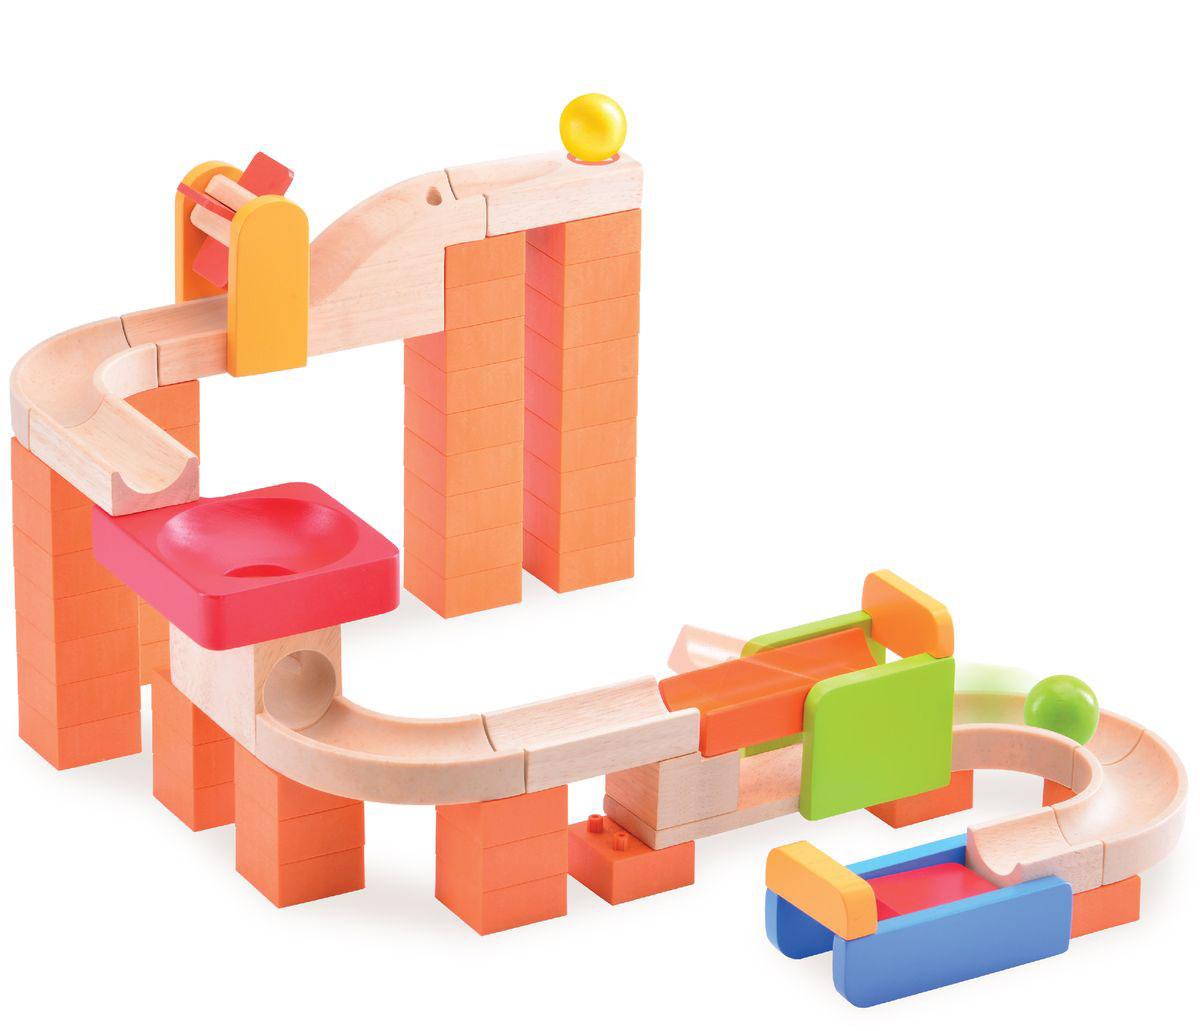 WWT Деревянный конструктор Trix-Track Круть-верть конструкторы wonderworld блоки для trix track 30 штук